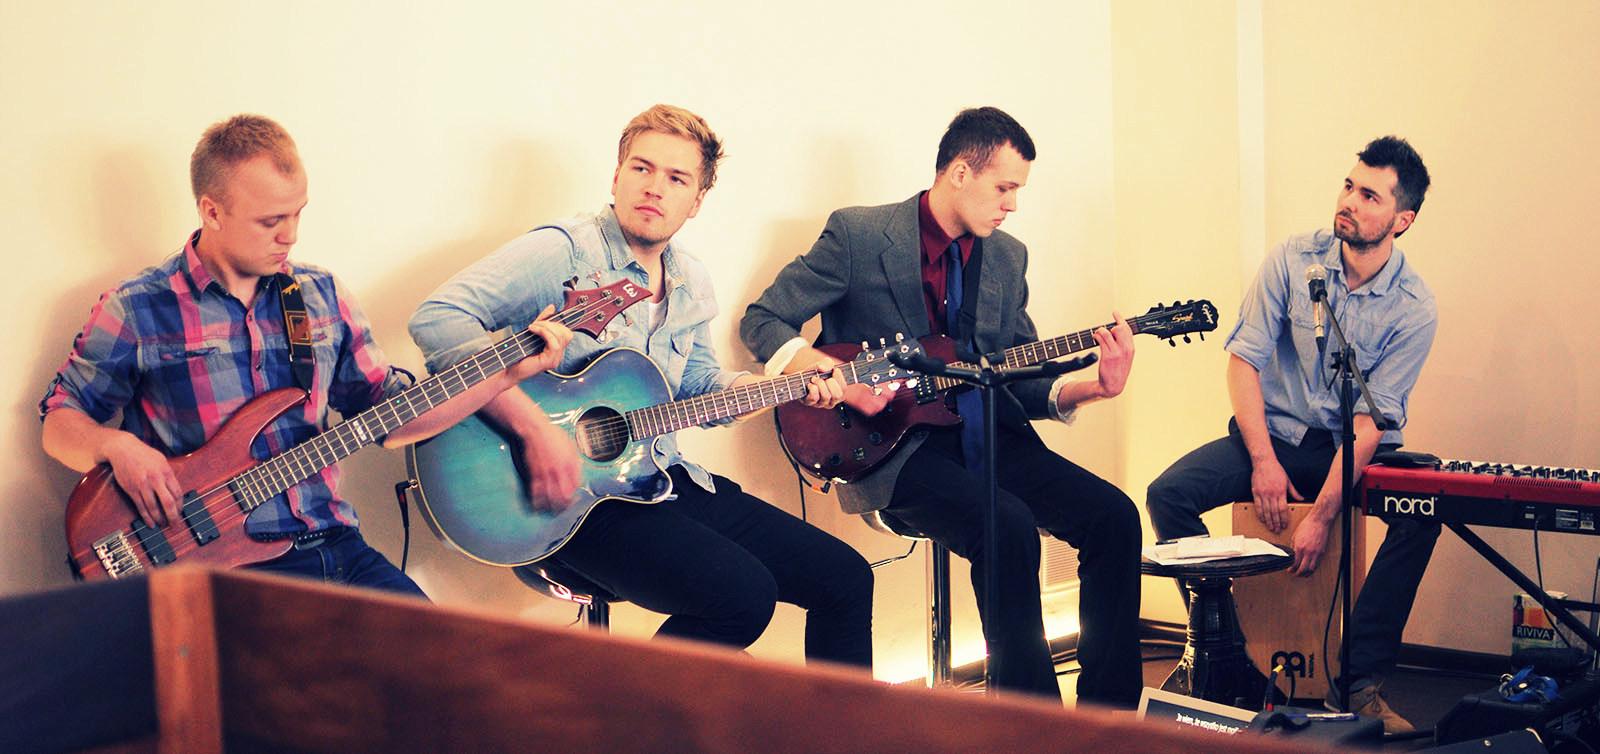 instrumenty nadają charakteru każdej pieśni - dziękujemy Bogu za te talenty!